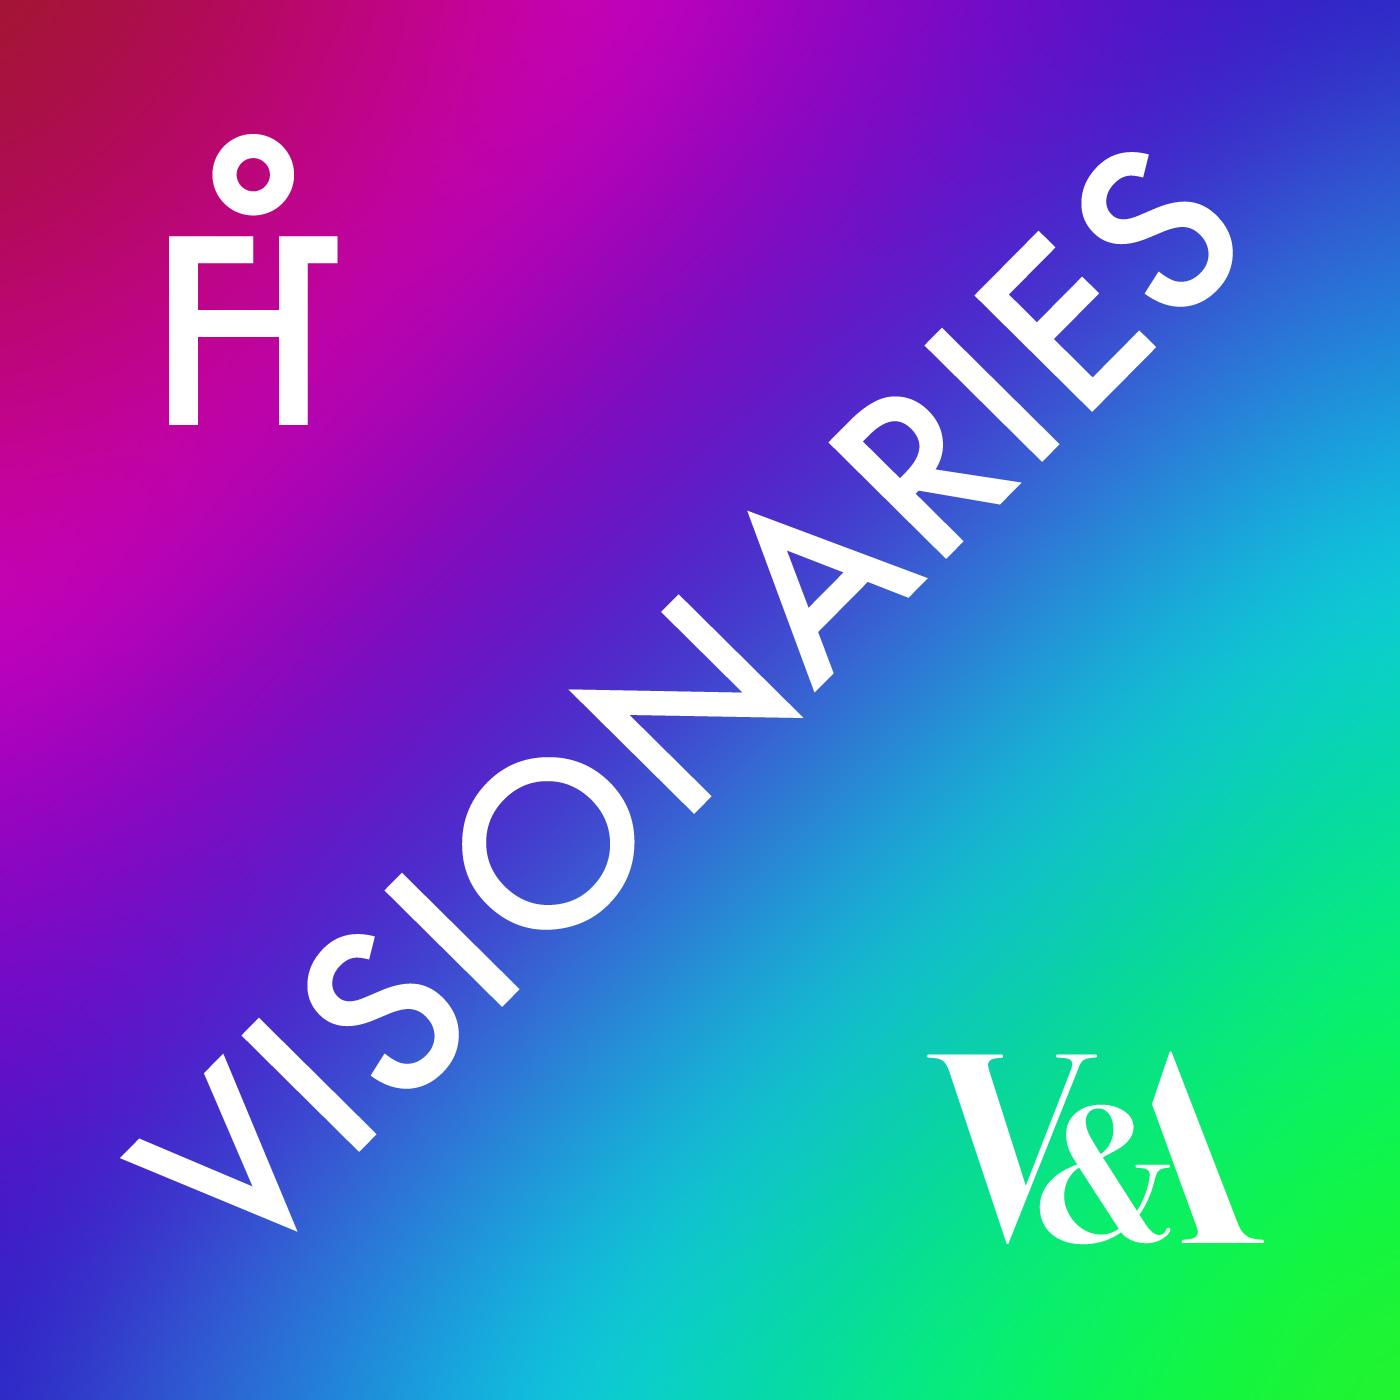 Future Human Visionaries